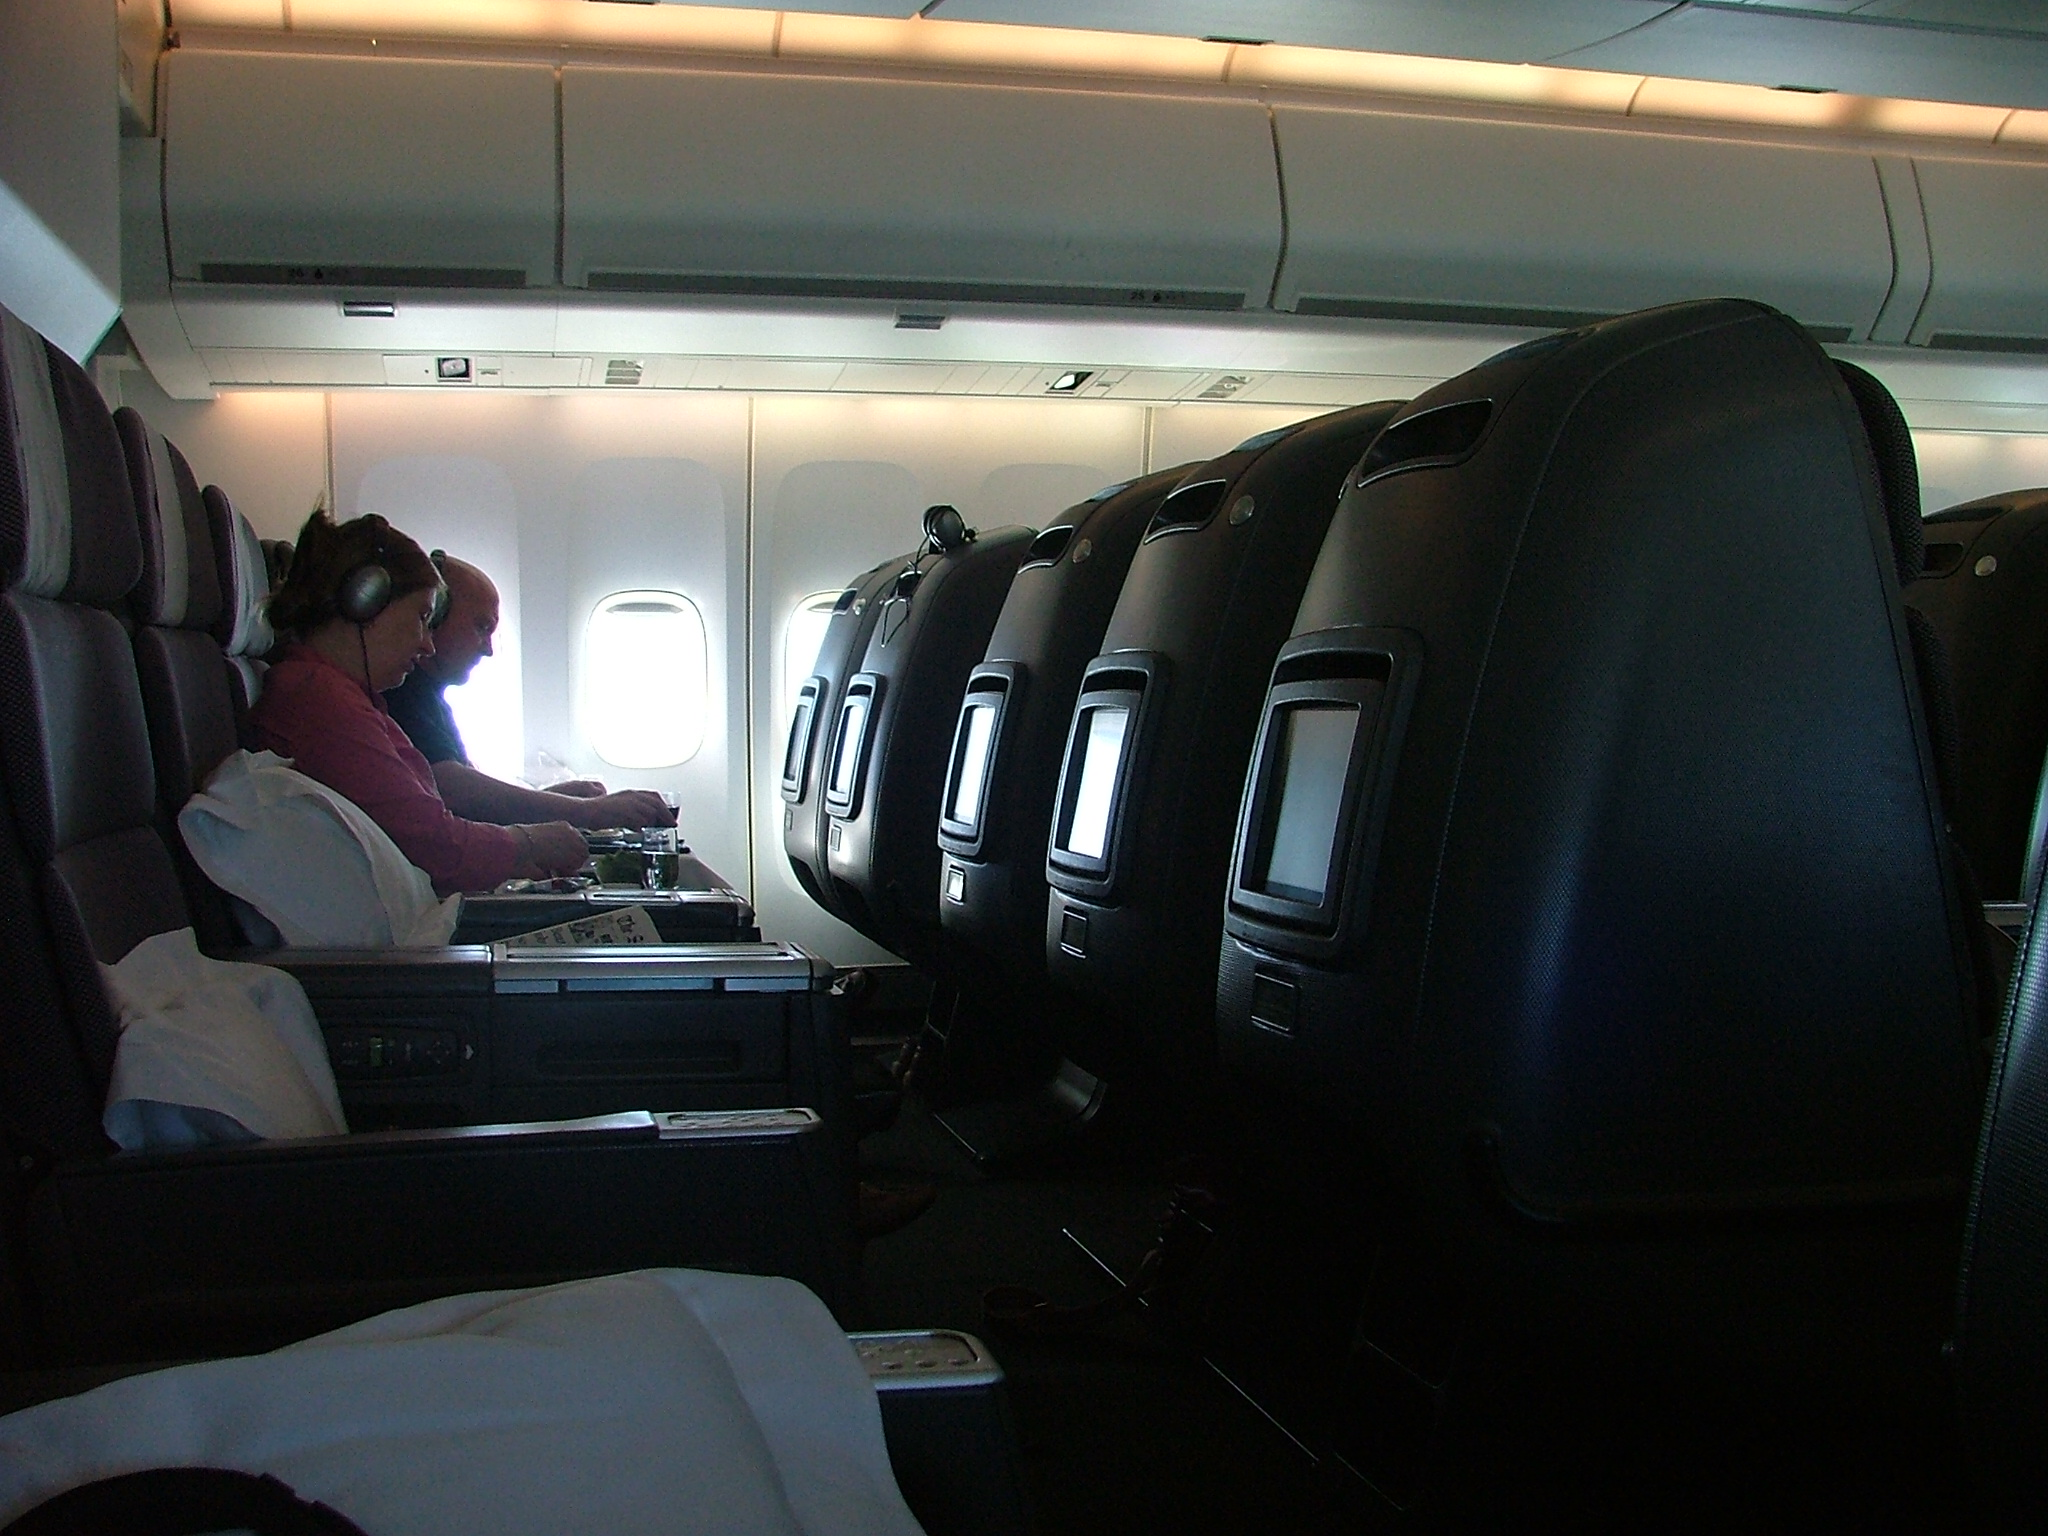 Bliver en konsekvens af coronakrisen at erhvervslivet rejser mindre, vil der være flere tomme pladser på mange flyselskabers lukrative business class, siger analytiker. Arkivfoto: Henrik Baumgarten.